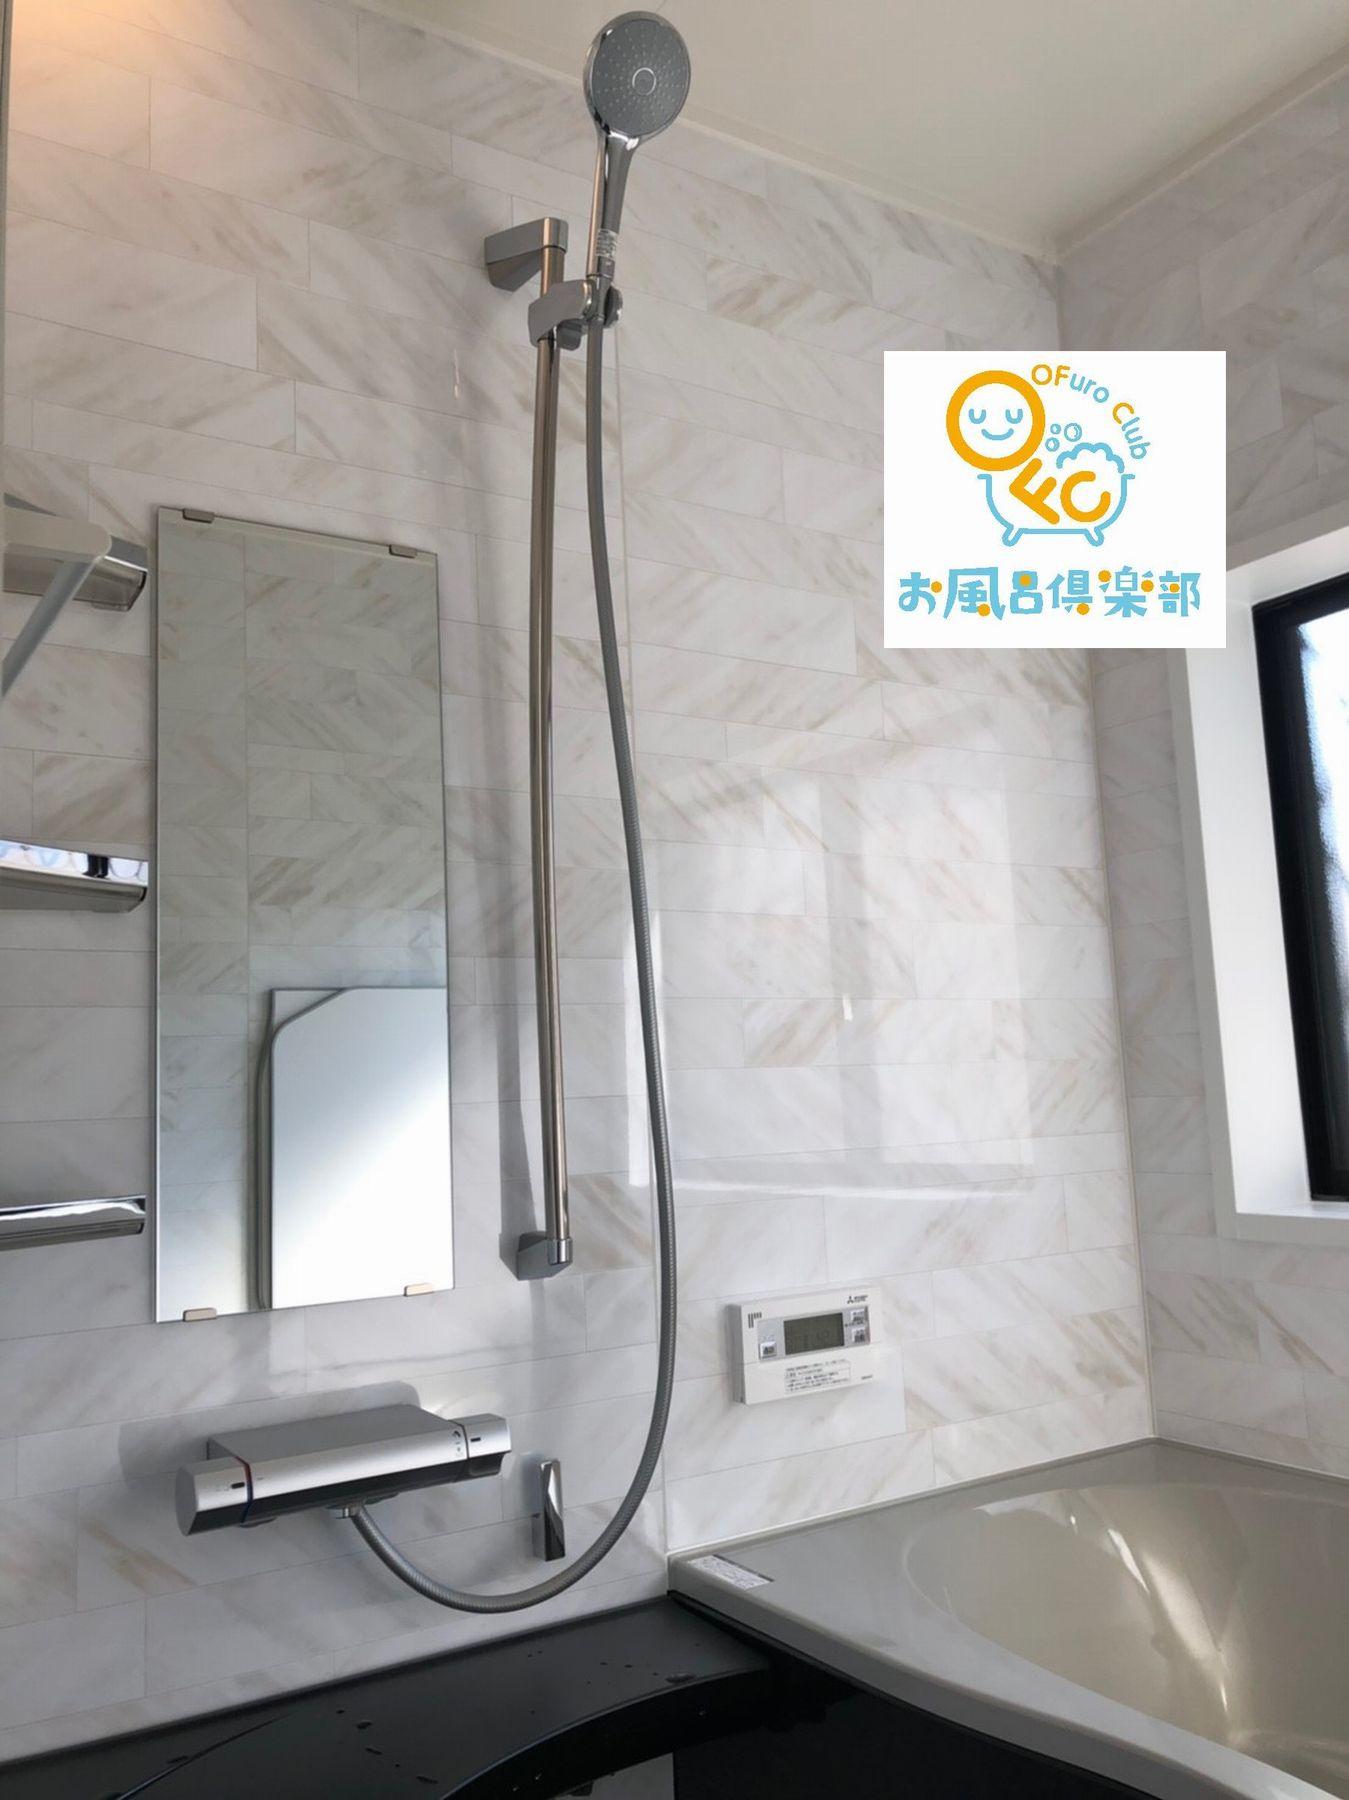 和泉市S様邸 浴室・洗面台リフォーム 施工後写真